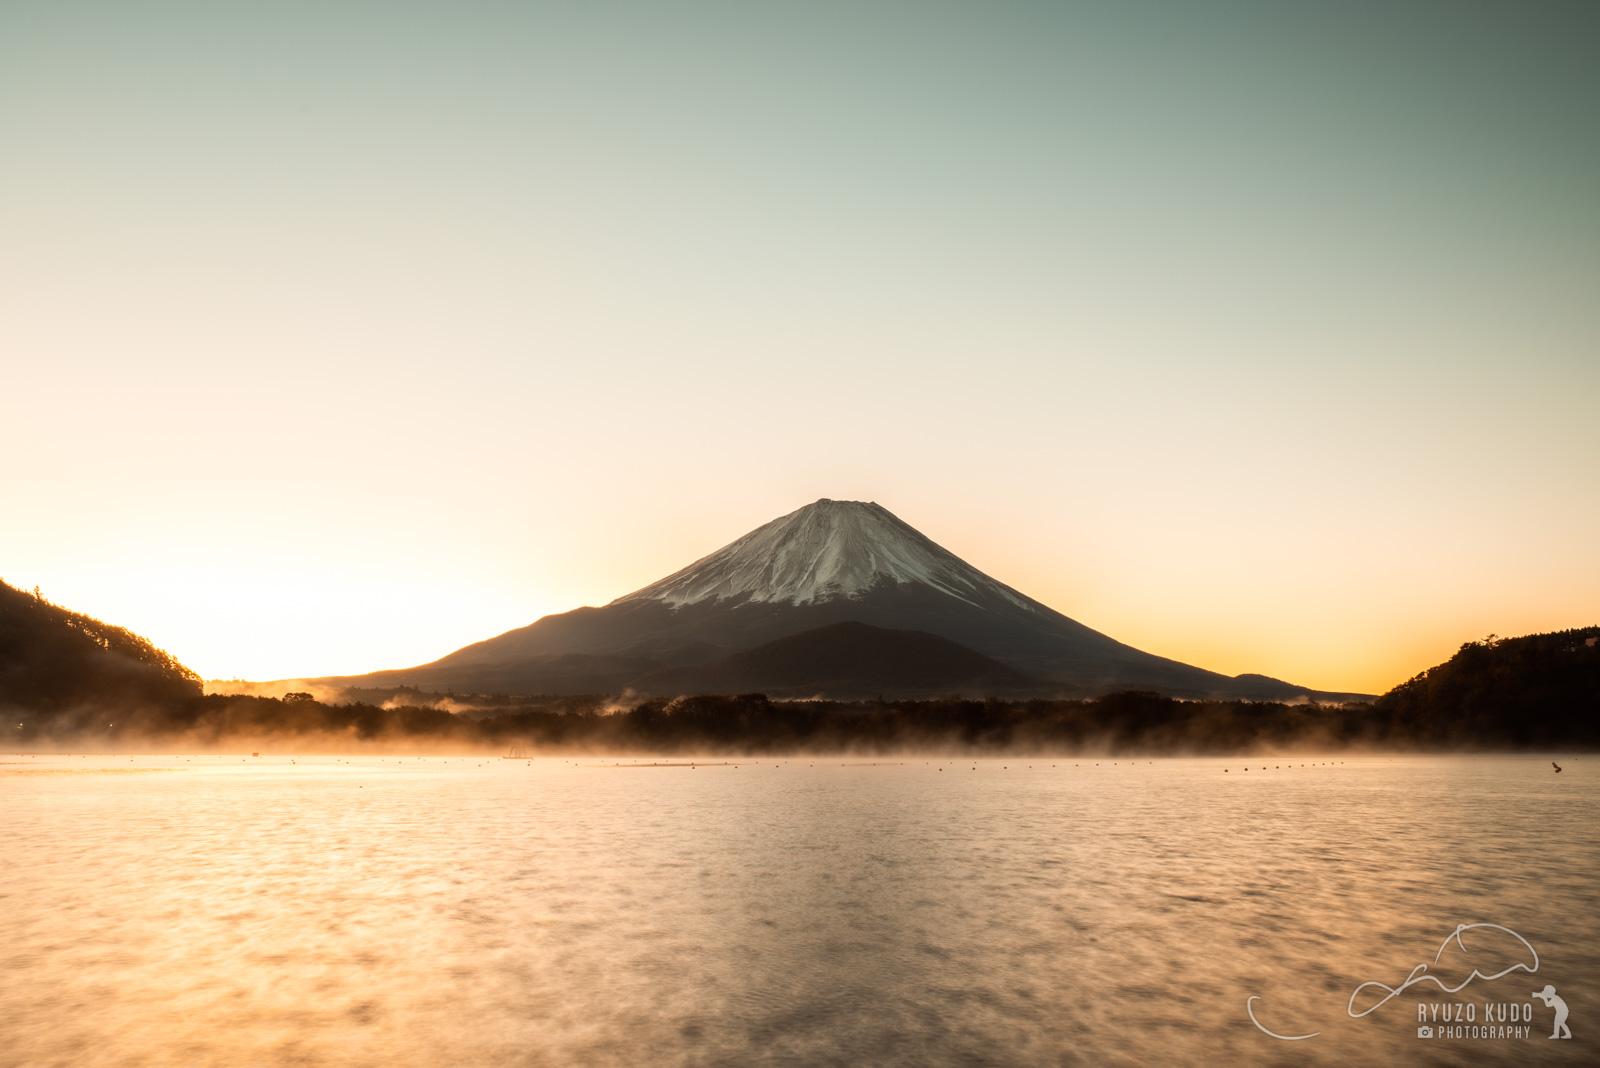 寒くなり始めた頃合いでの富士山、精進湖から見る13年ぶりの景色